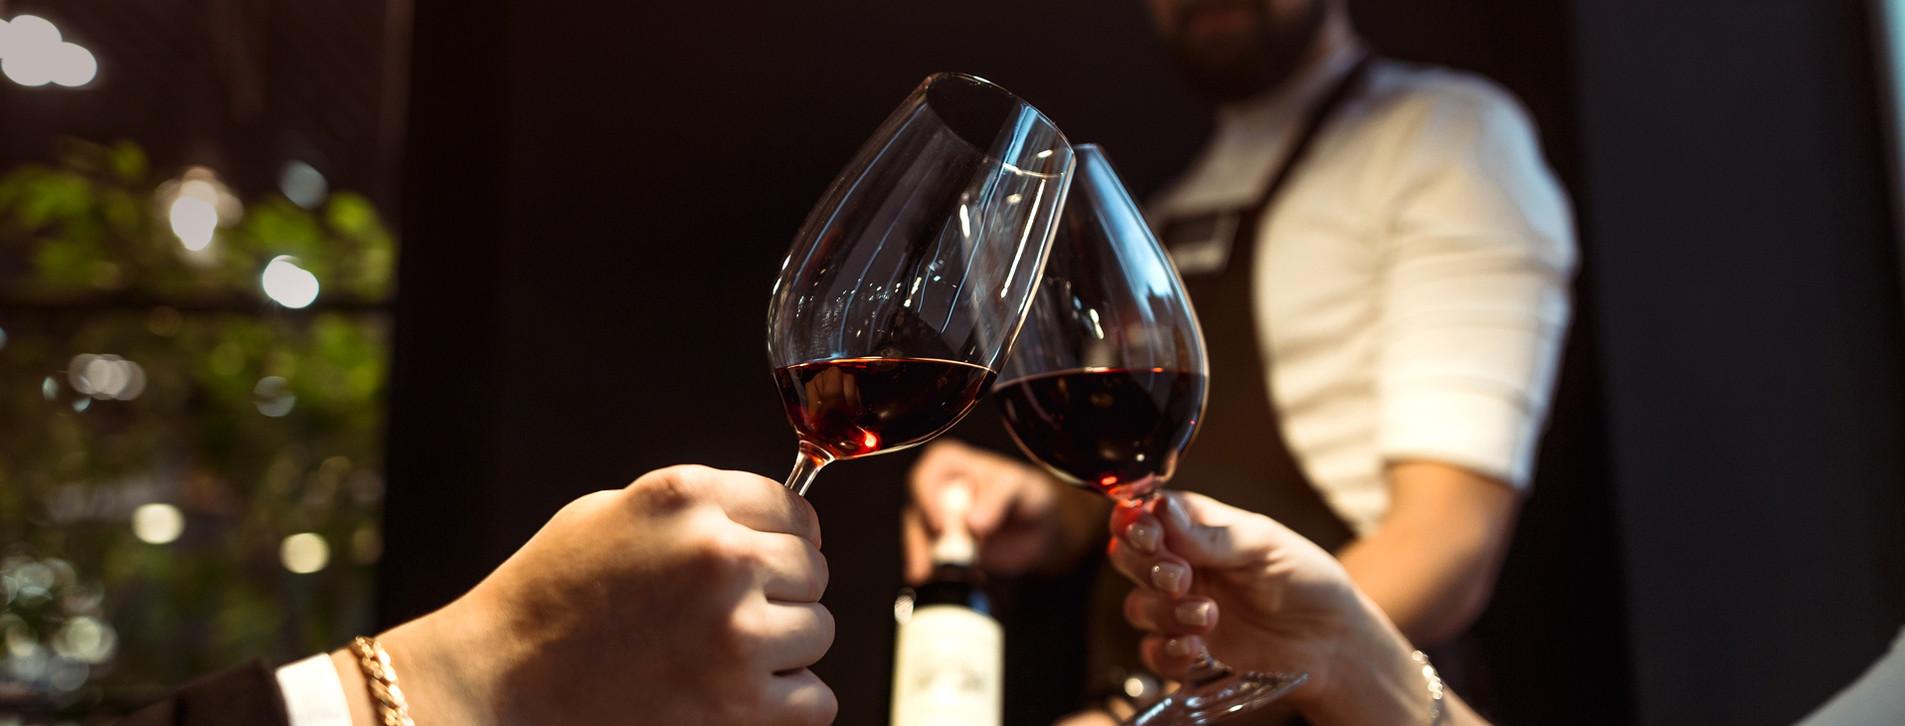 Фото - Дегустация вин для двоих